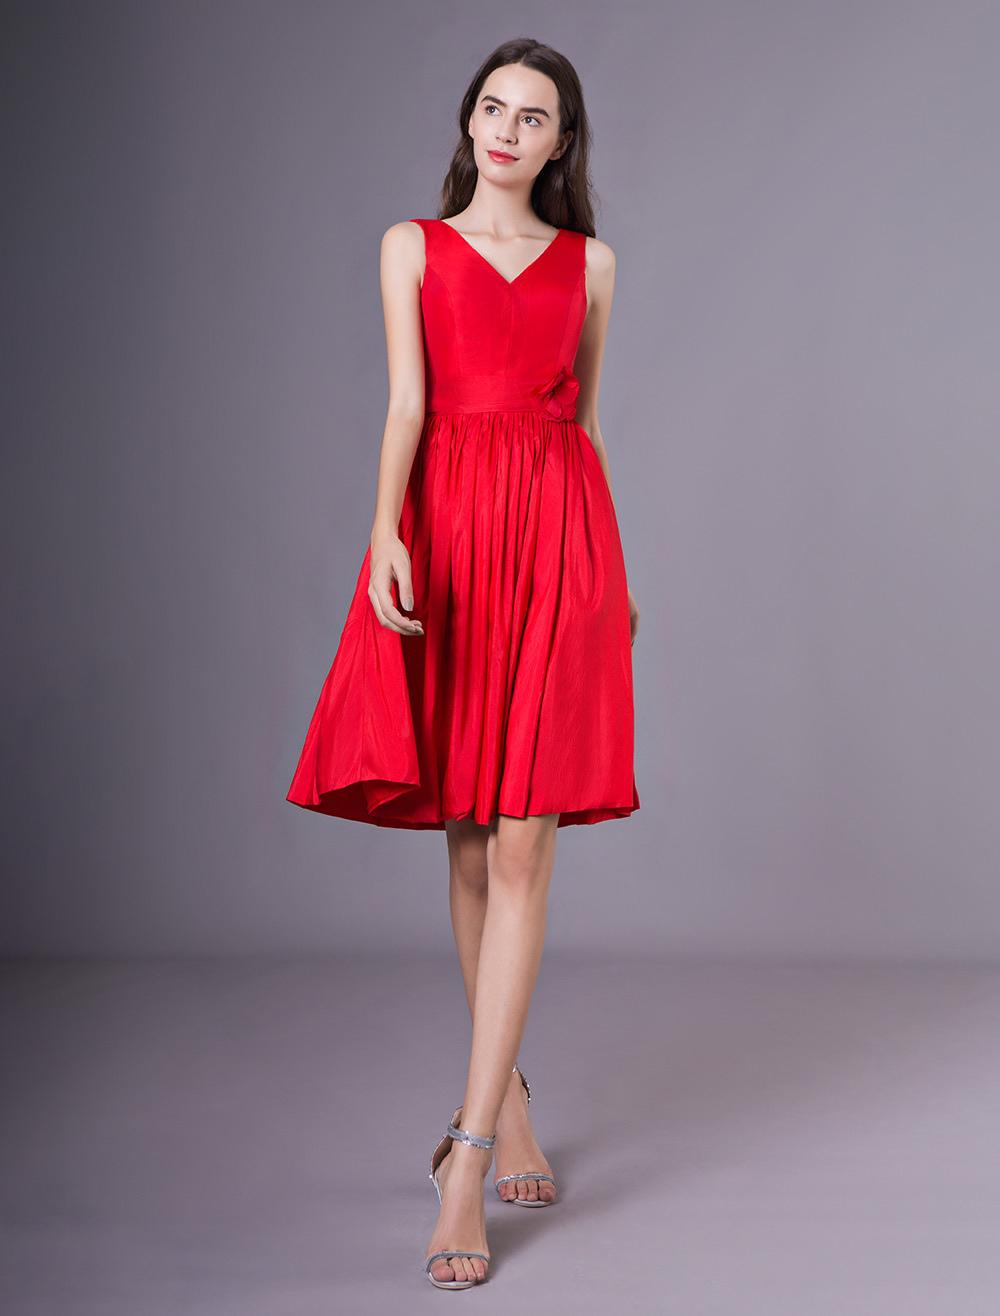 Cocktail Party Kleider rot V-Ausschnitt Taft Blume Hochzeitsgast Kleid